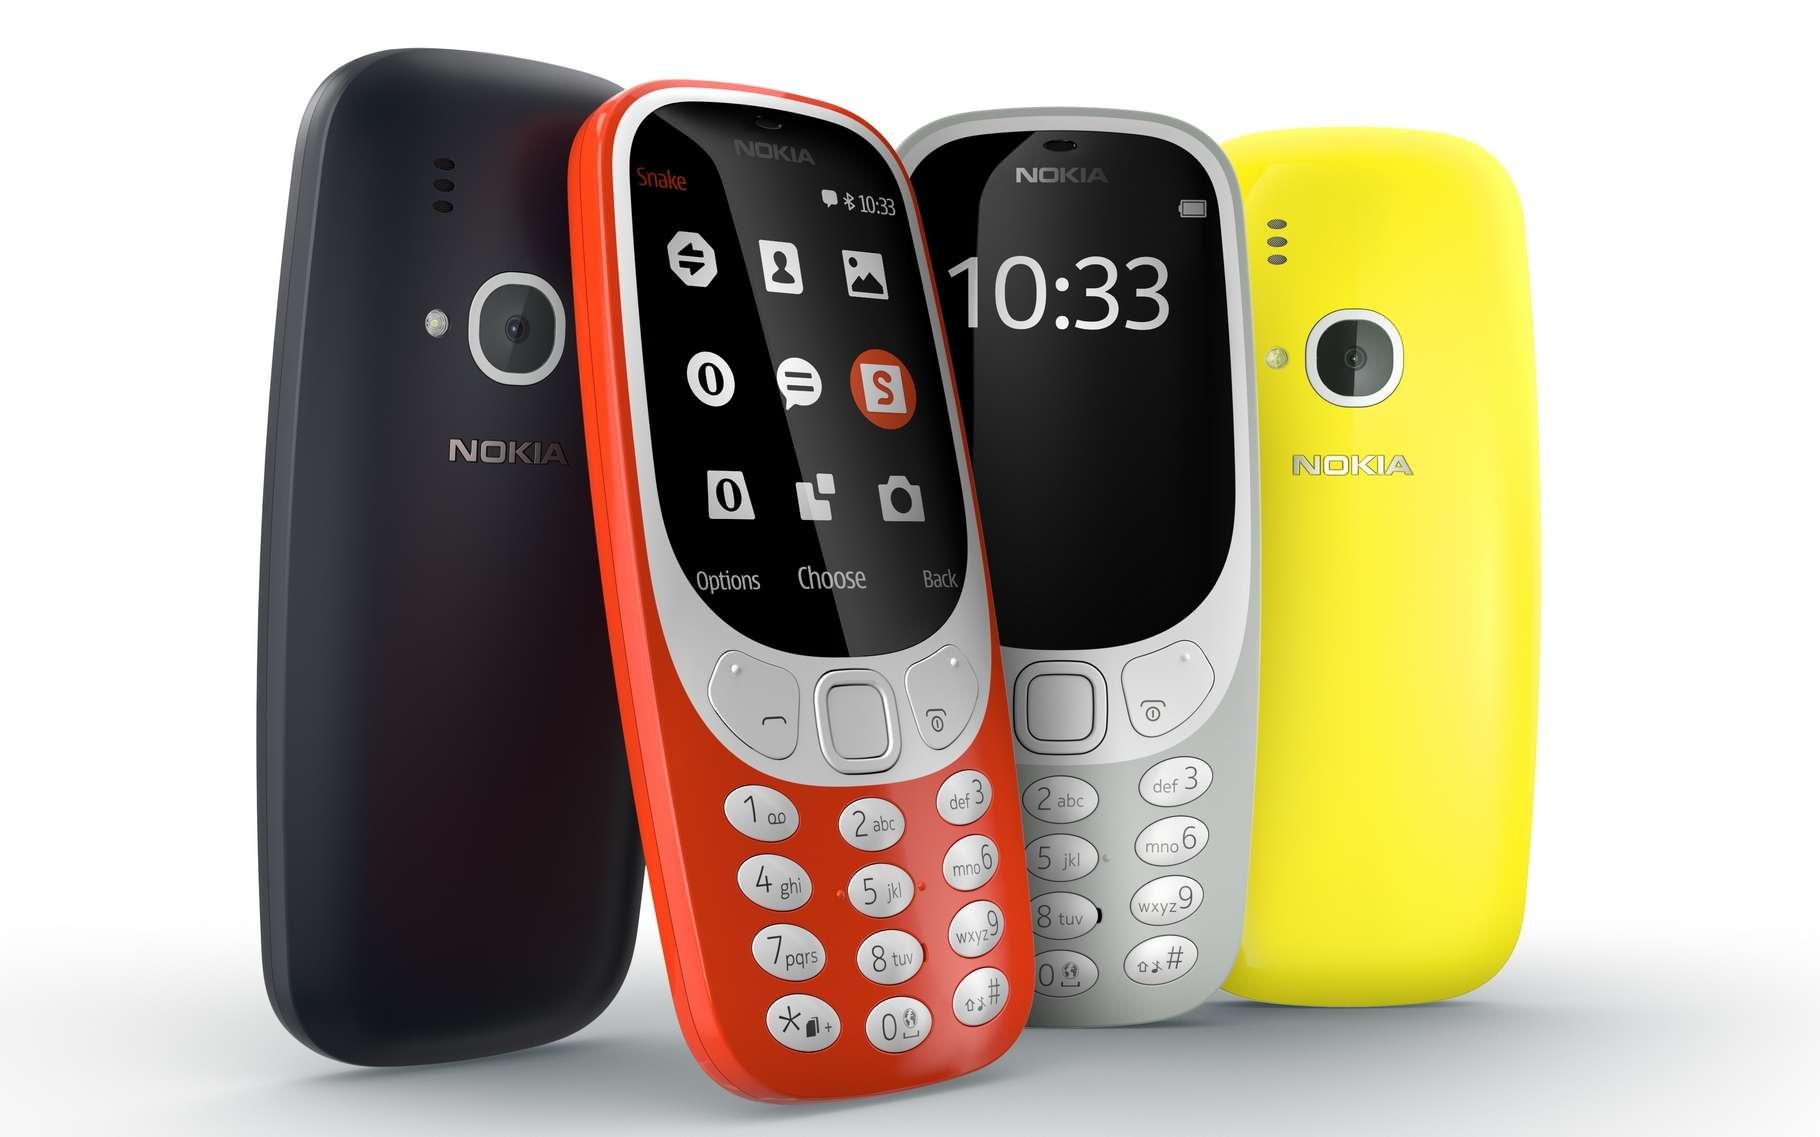 Le Nokia 3310 est au Panthéon des téléphones mobiles pour sa simplicité, sa robustesse et son autonomie record. © Nokia